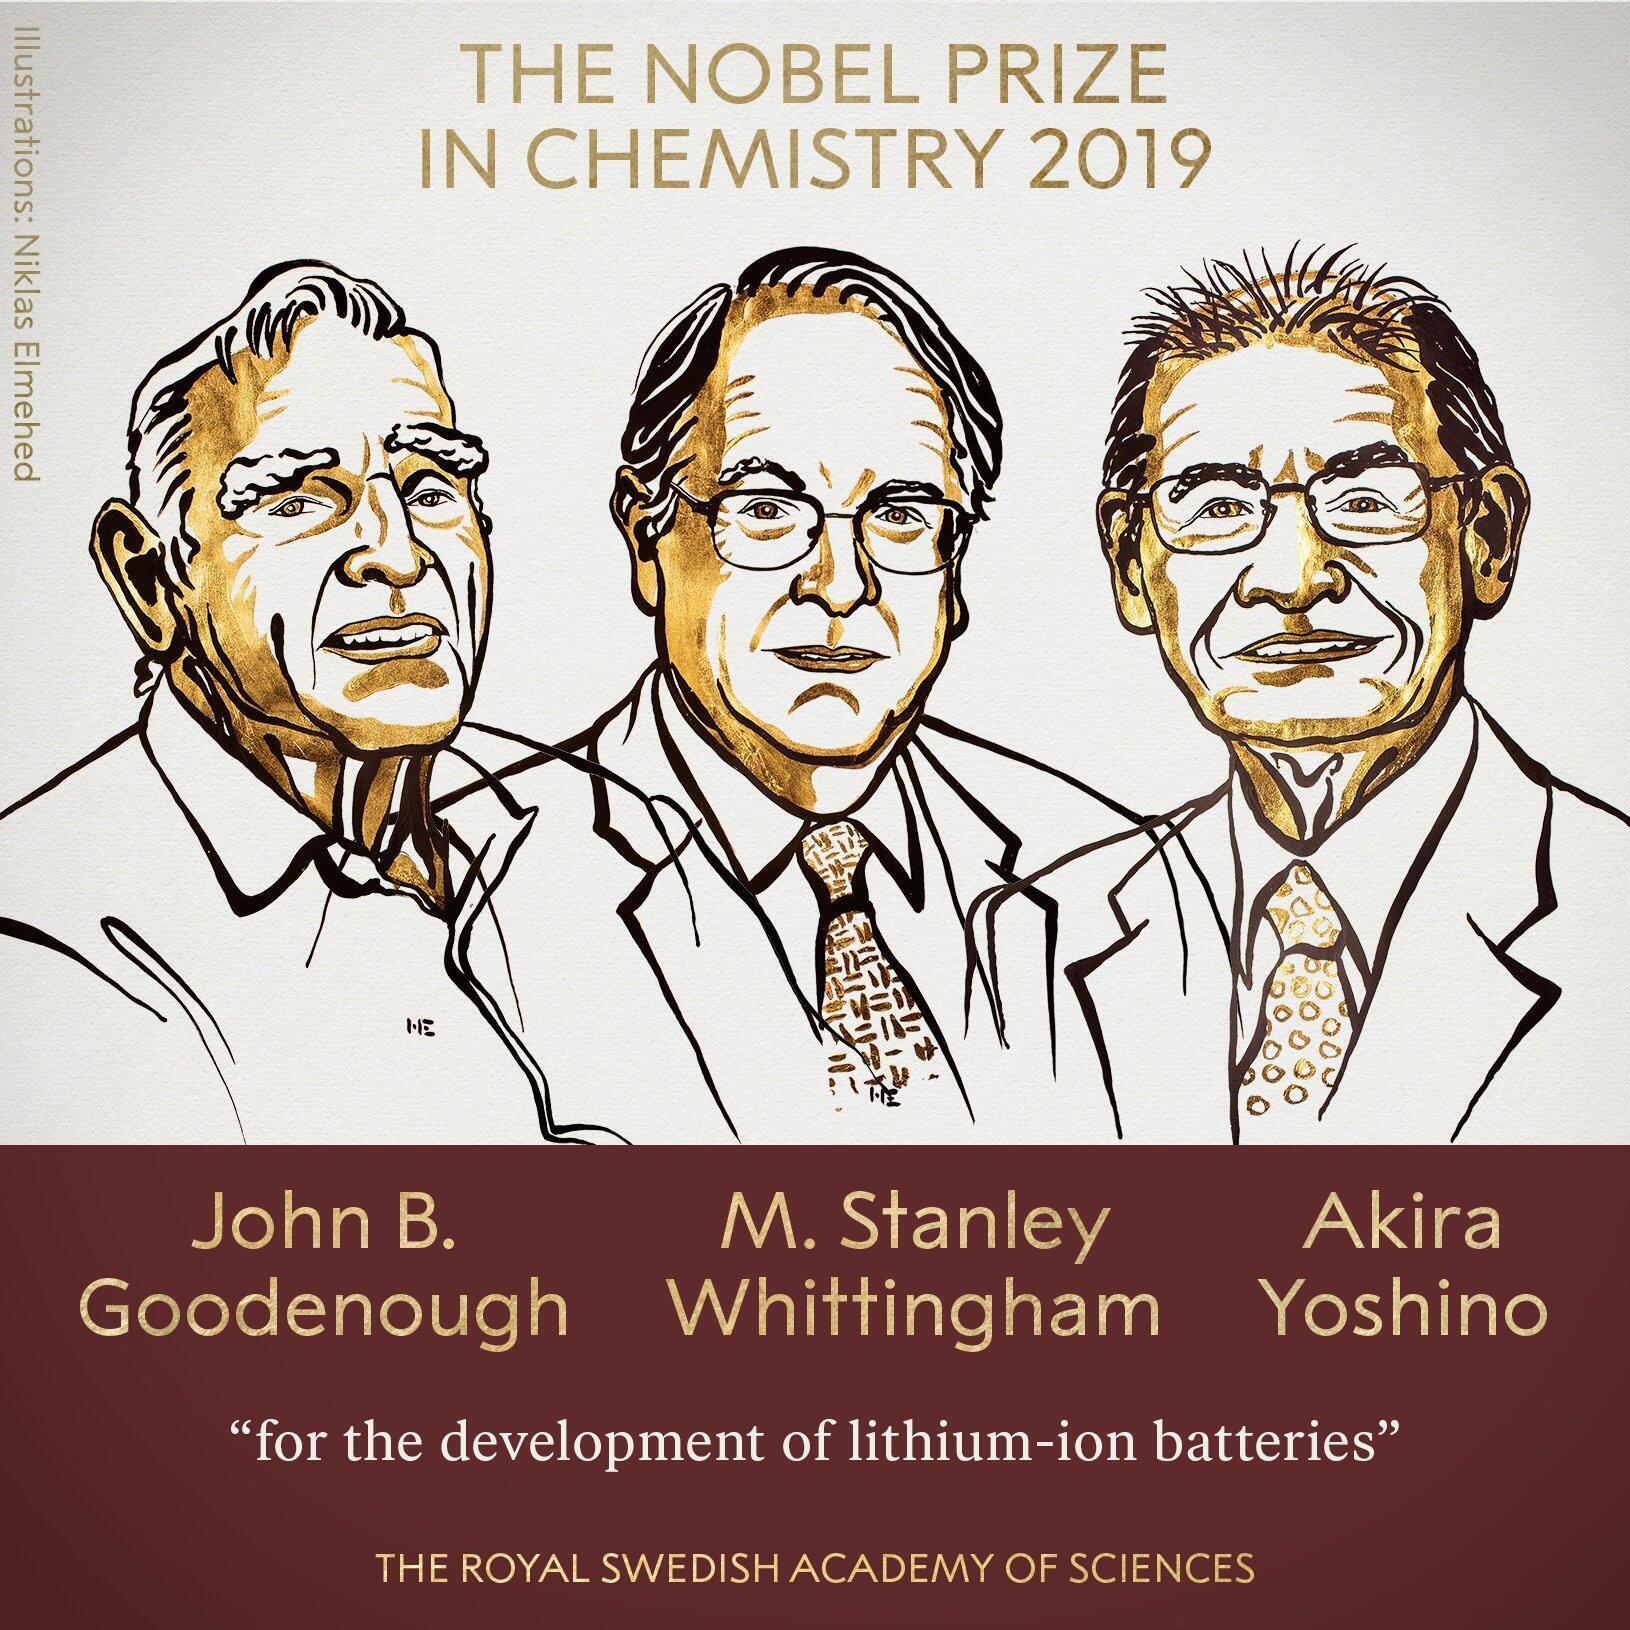 برندگان جایزۀ نوبل شیمی امسال عبارتند از شهروند ٩٧ سالۀ آمریکایی به نام جان گودایناف، تبعۀ بریتانیایی، ستنلی وایتینگهام، و پژوهشگر ژاپنی آکیرا یوشینو.